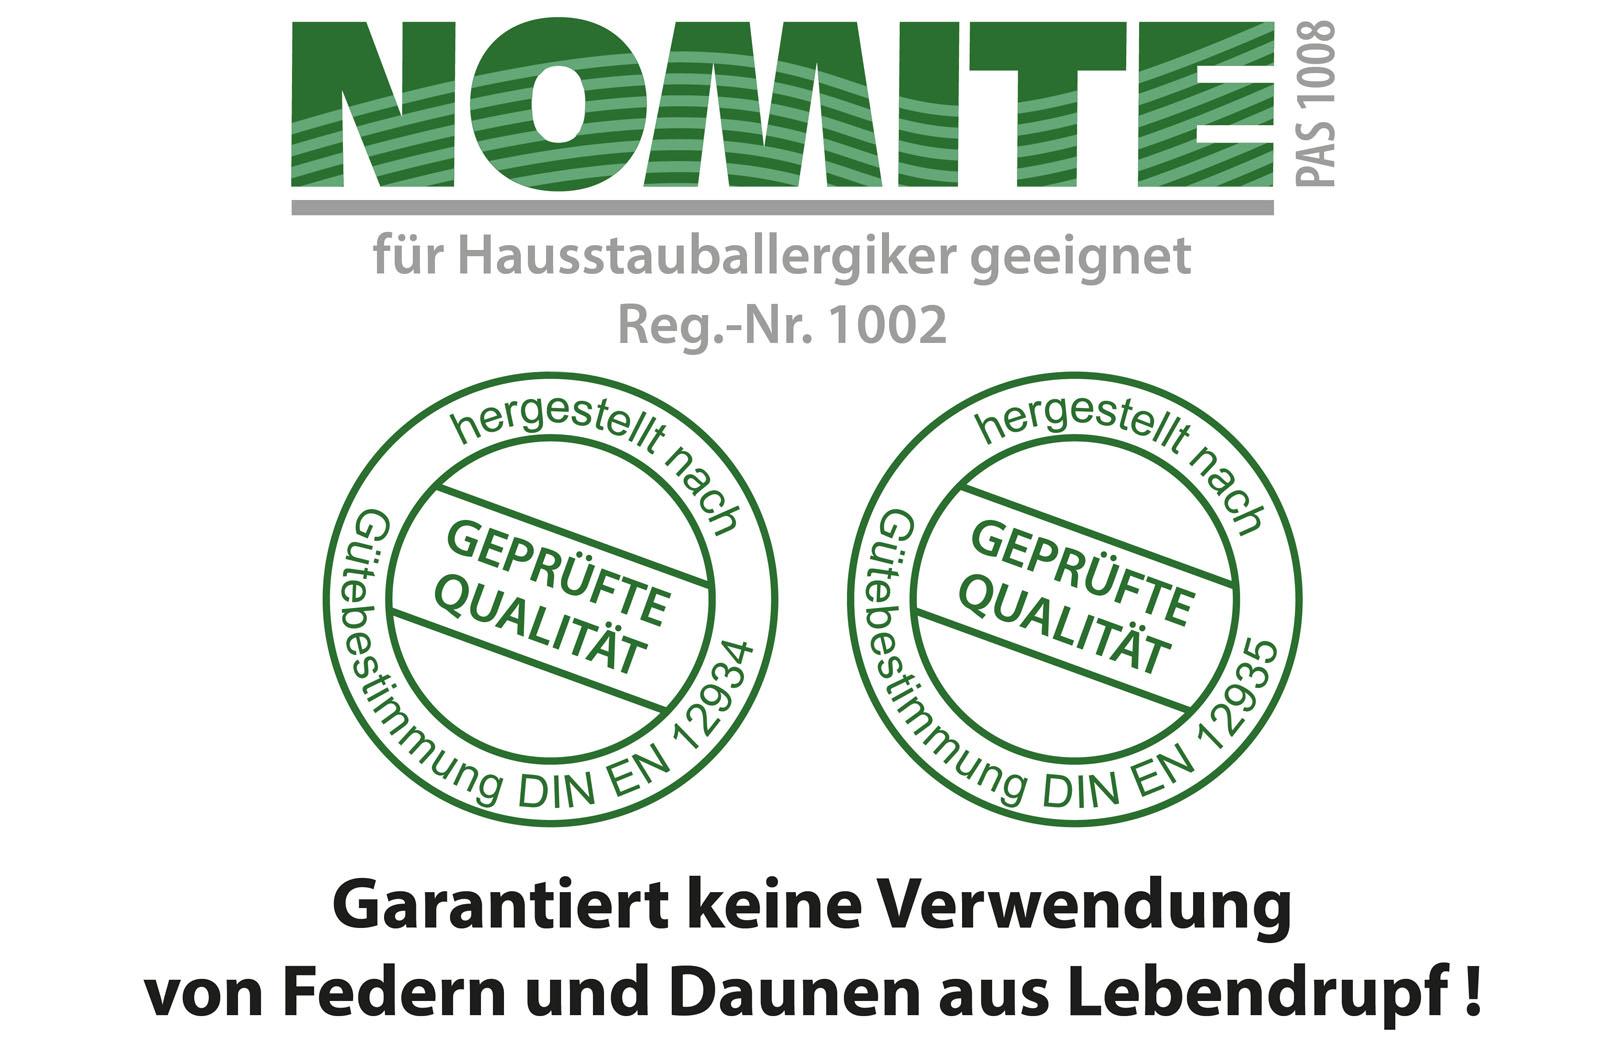 2x 3-Kammer Kopfkissen Premium Kissen Daunen Federn Klasse 1 80x80 Carla – Bild 4